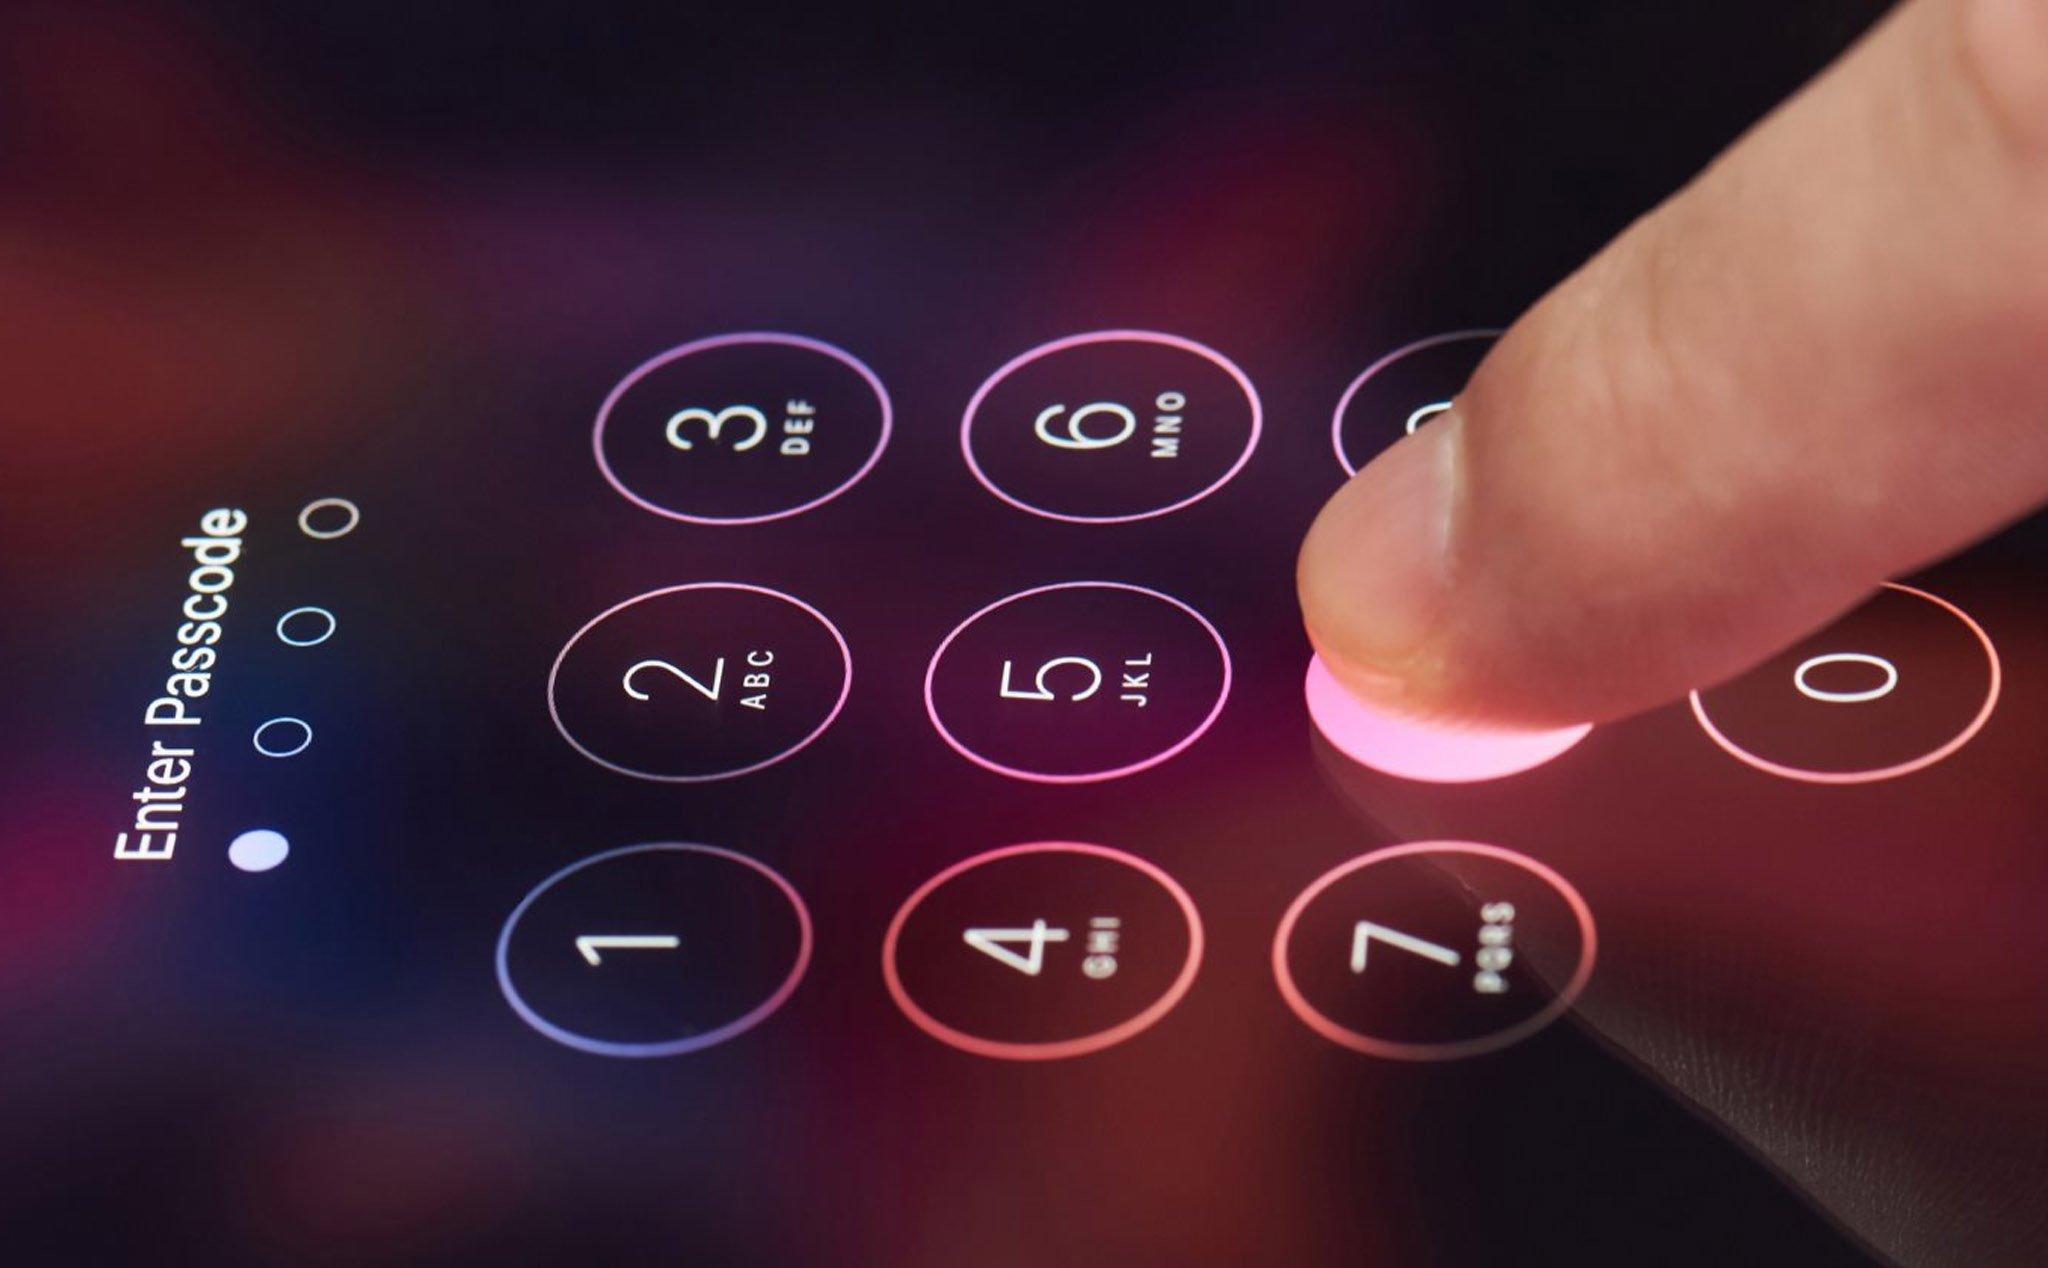 Apple đang nghiên cứu công nghệ Touch ID dưới màn hình, dùng ánh sáng xiên để đọc vân tay tốt hơn